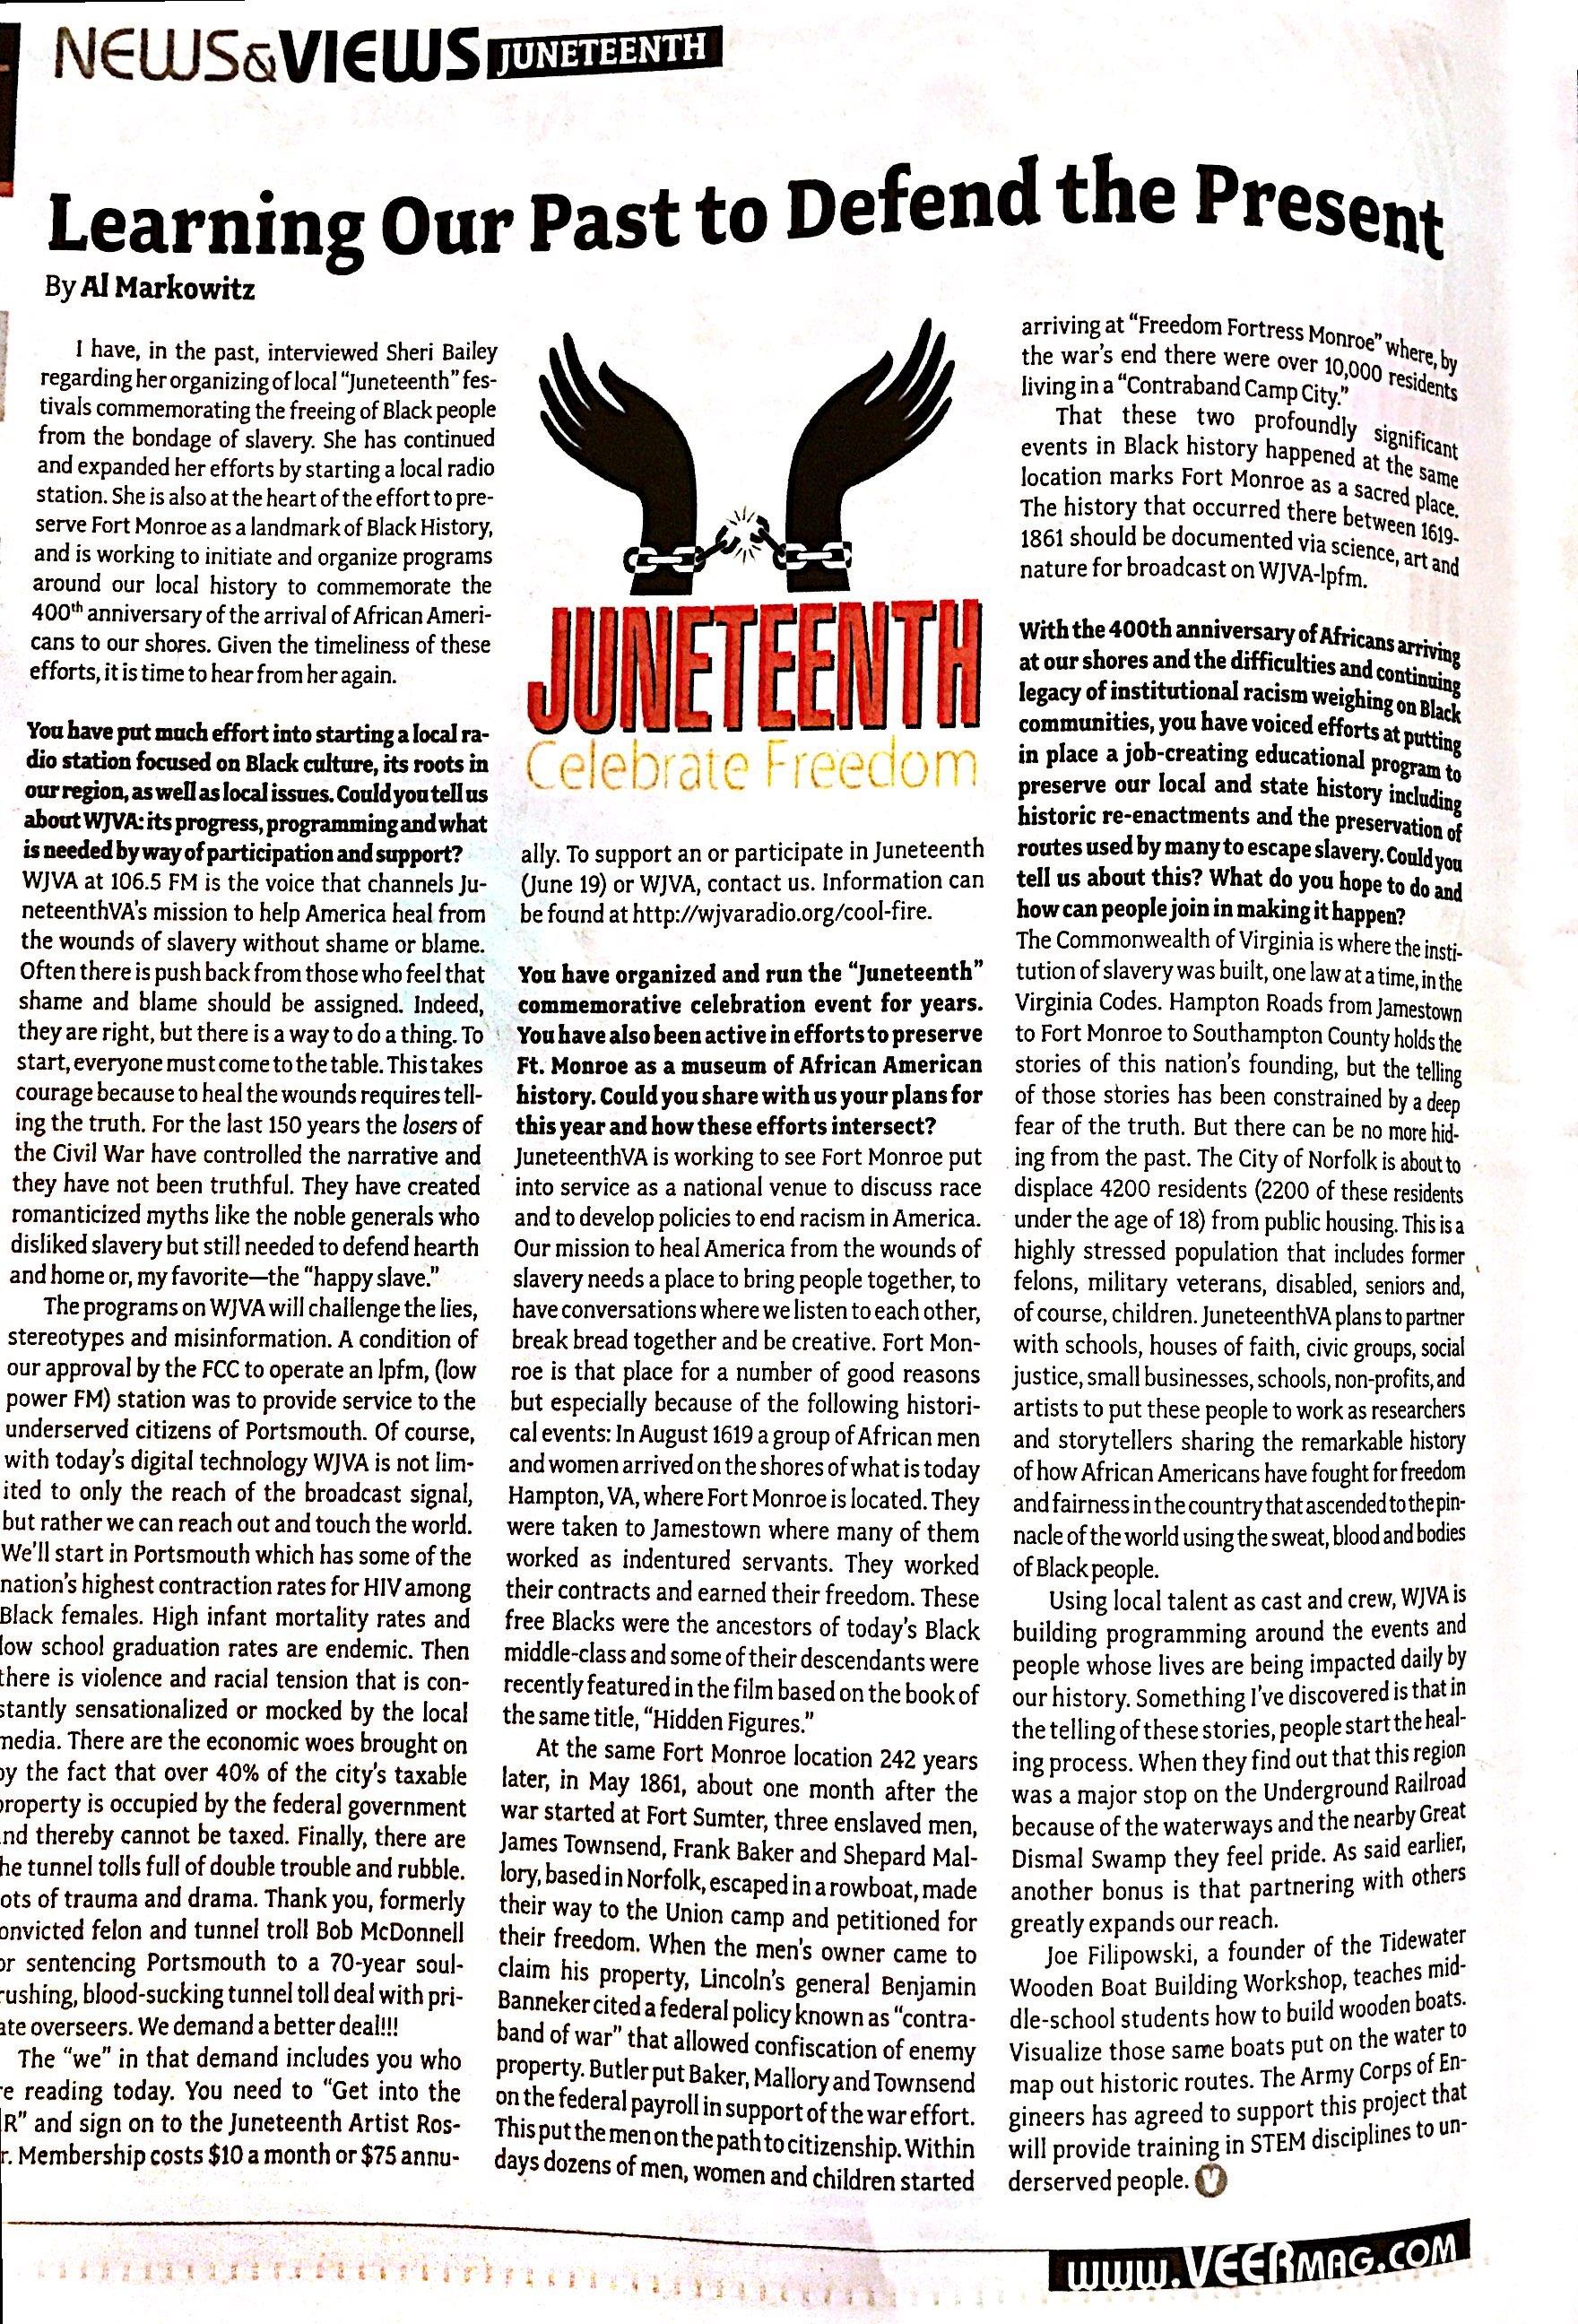 VEER Article.jpg